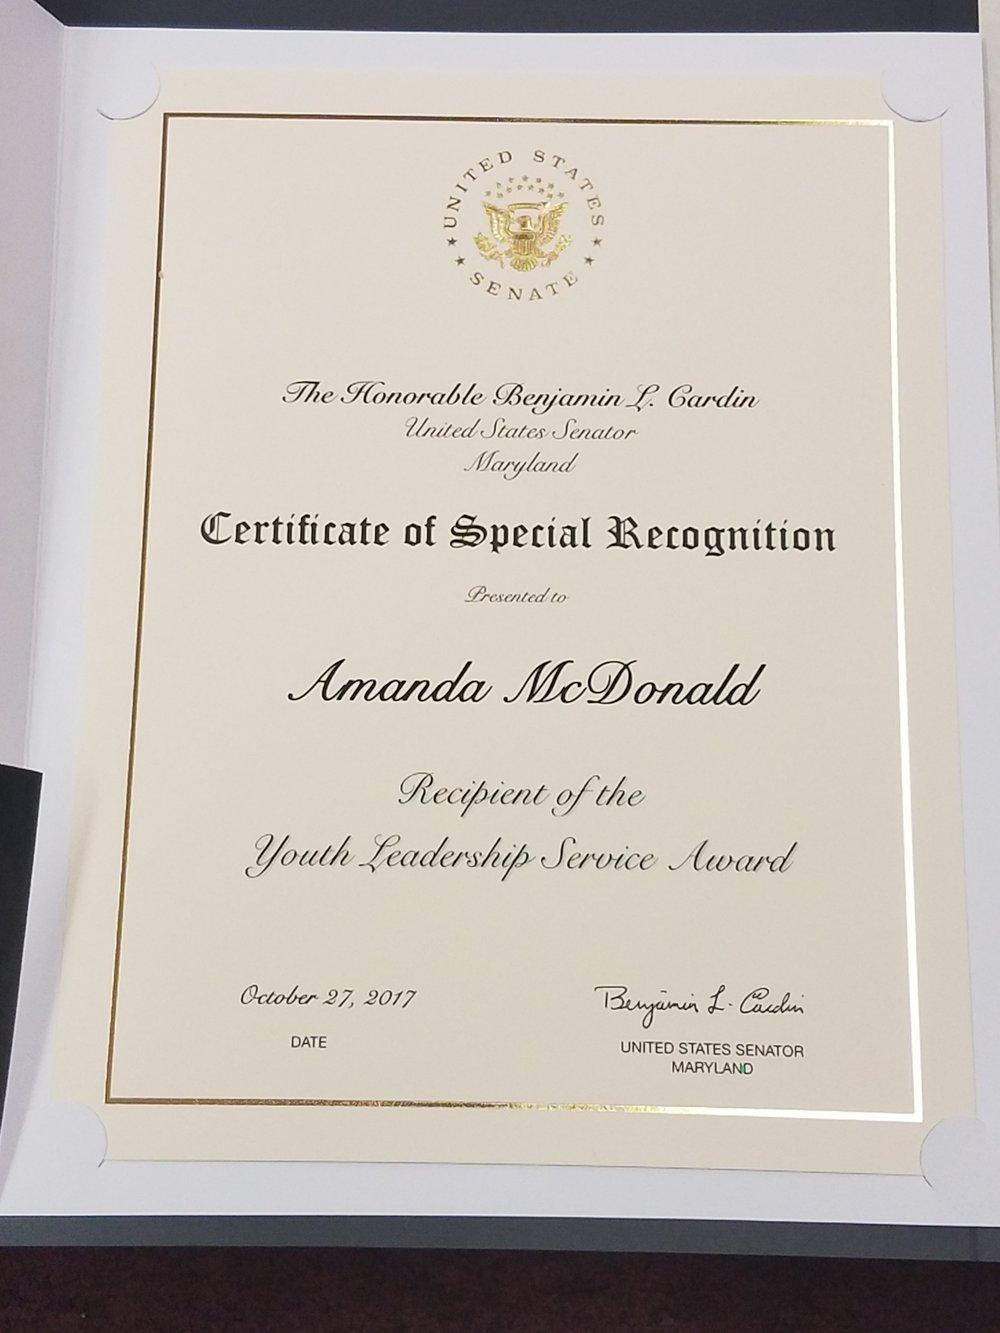 A. Mcdonald Certificate.jpg